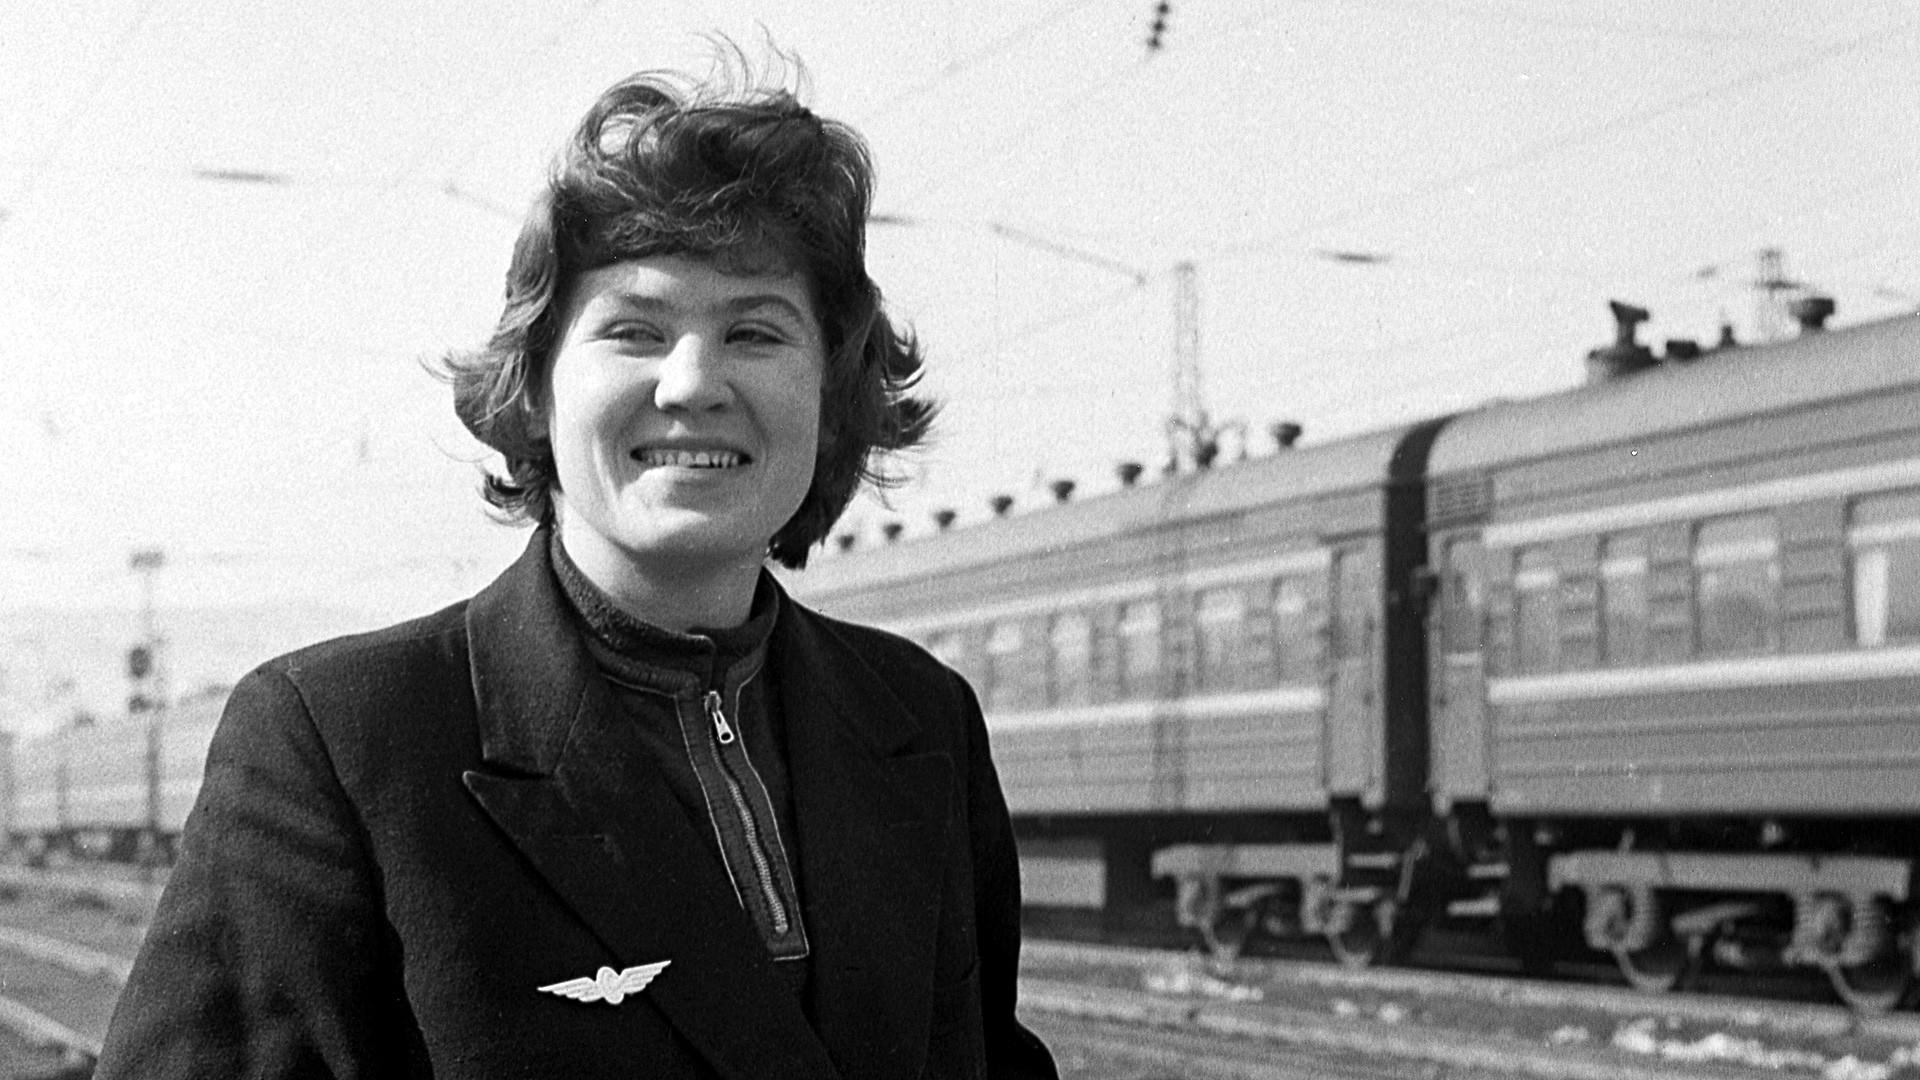 Восточно-Сибирская железная дорога. Помощник машиниста Тамара Петрик. 1965.